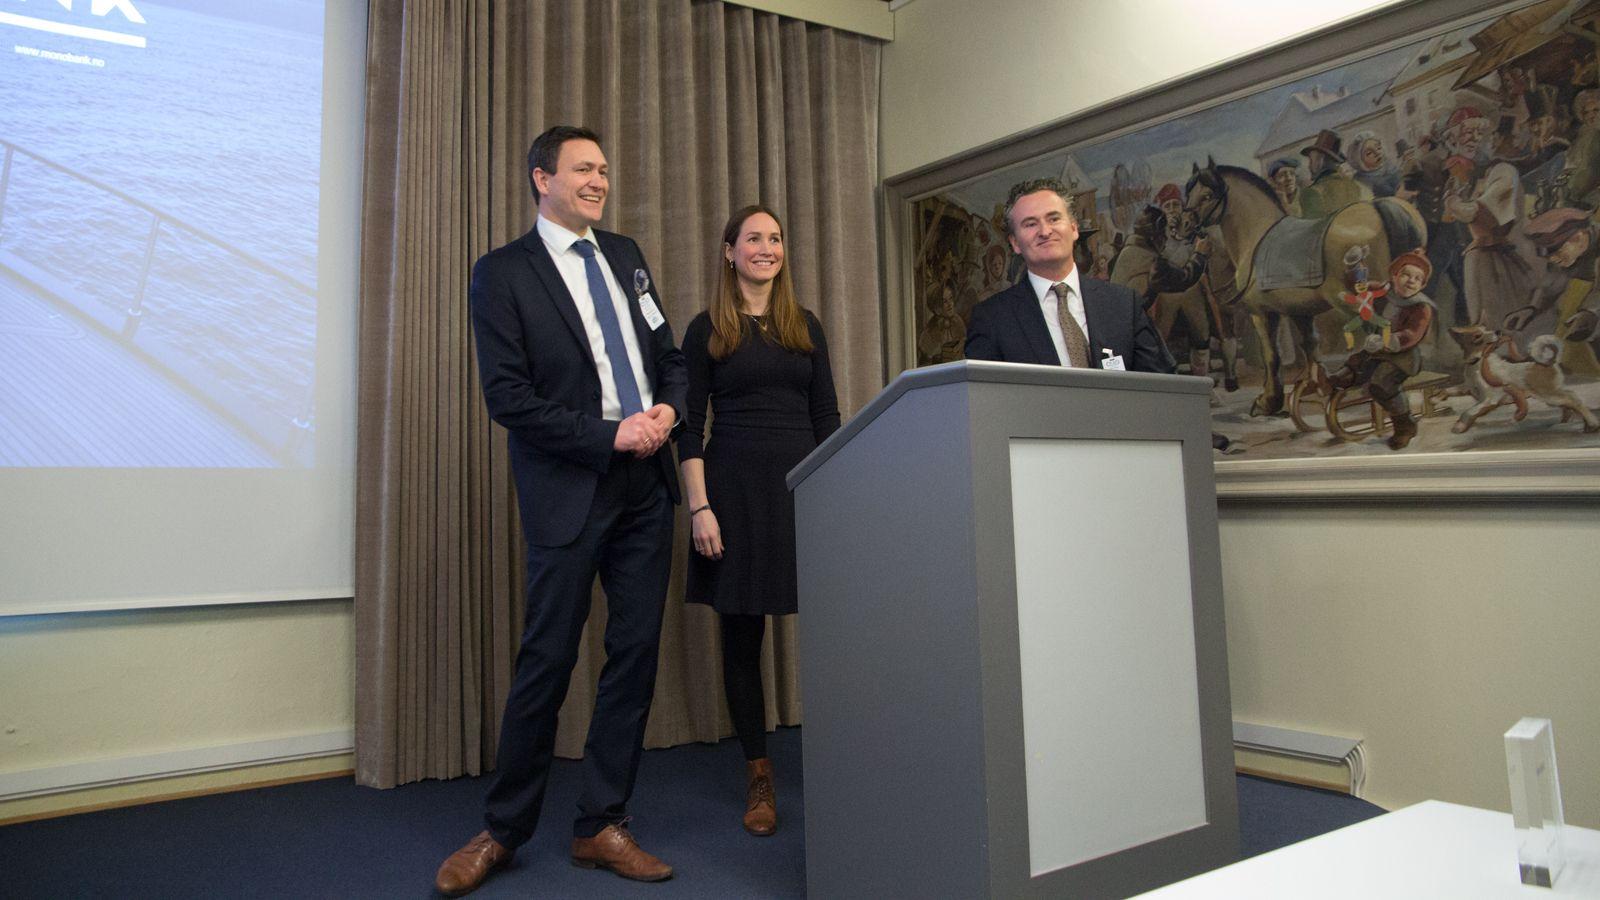 DEBUT: Monobank ble i dag tatt opp på Merkur Markets. Fra venstre konsernsjef Bent Gjendem, finansdirektør Lene Sjøbakk og driftsdirektør Tom Henning Rimestad i Monobank.